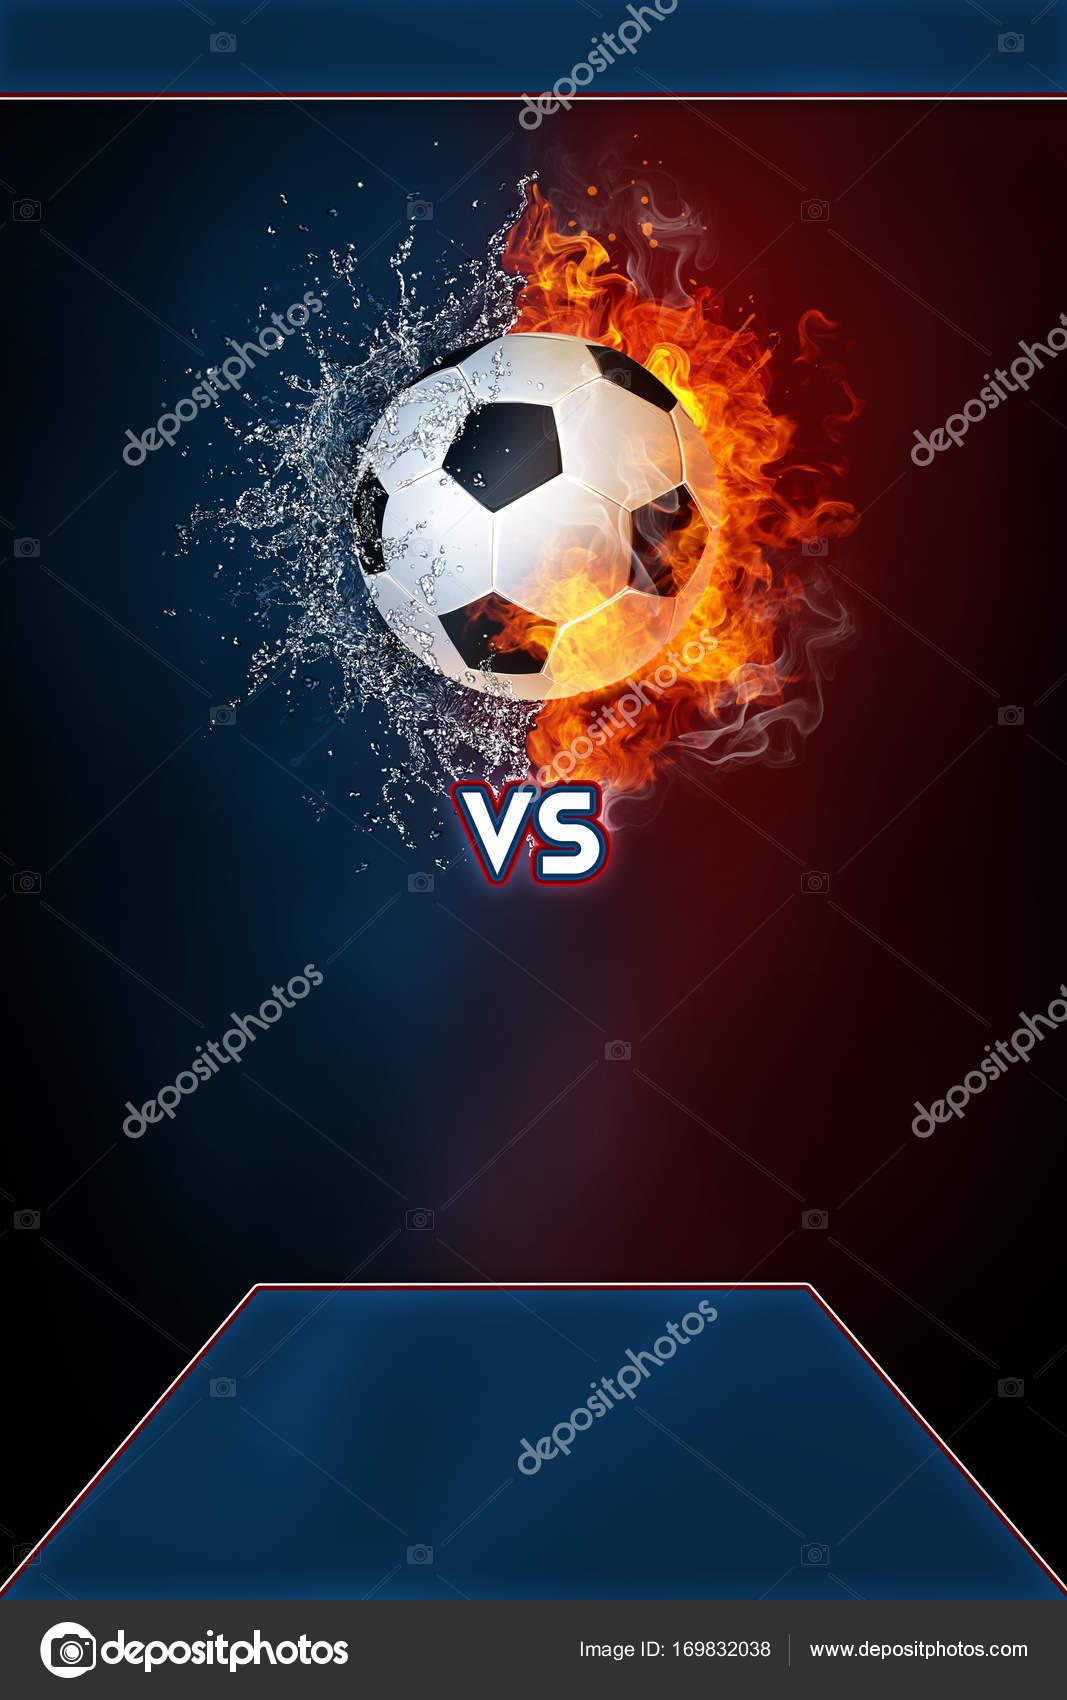 Plantilla de fútbol deportes torneo cartel moderno — Foto de stock ...